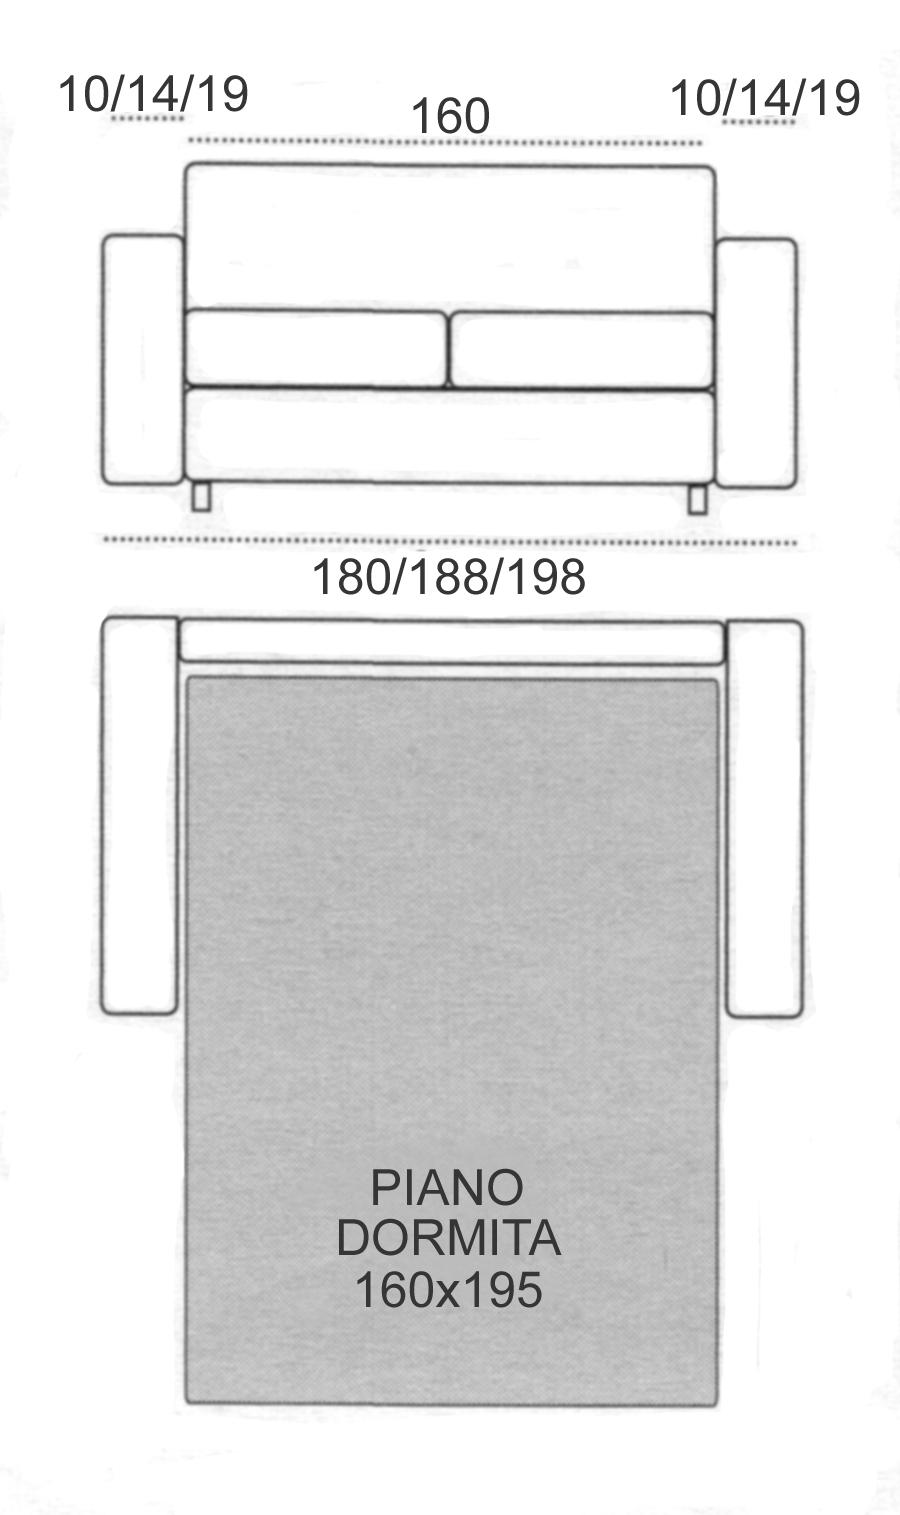 divano-liverpool-dimensioni